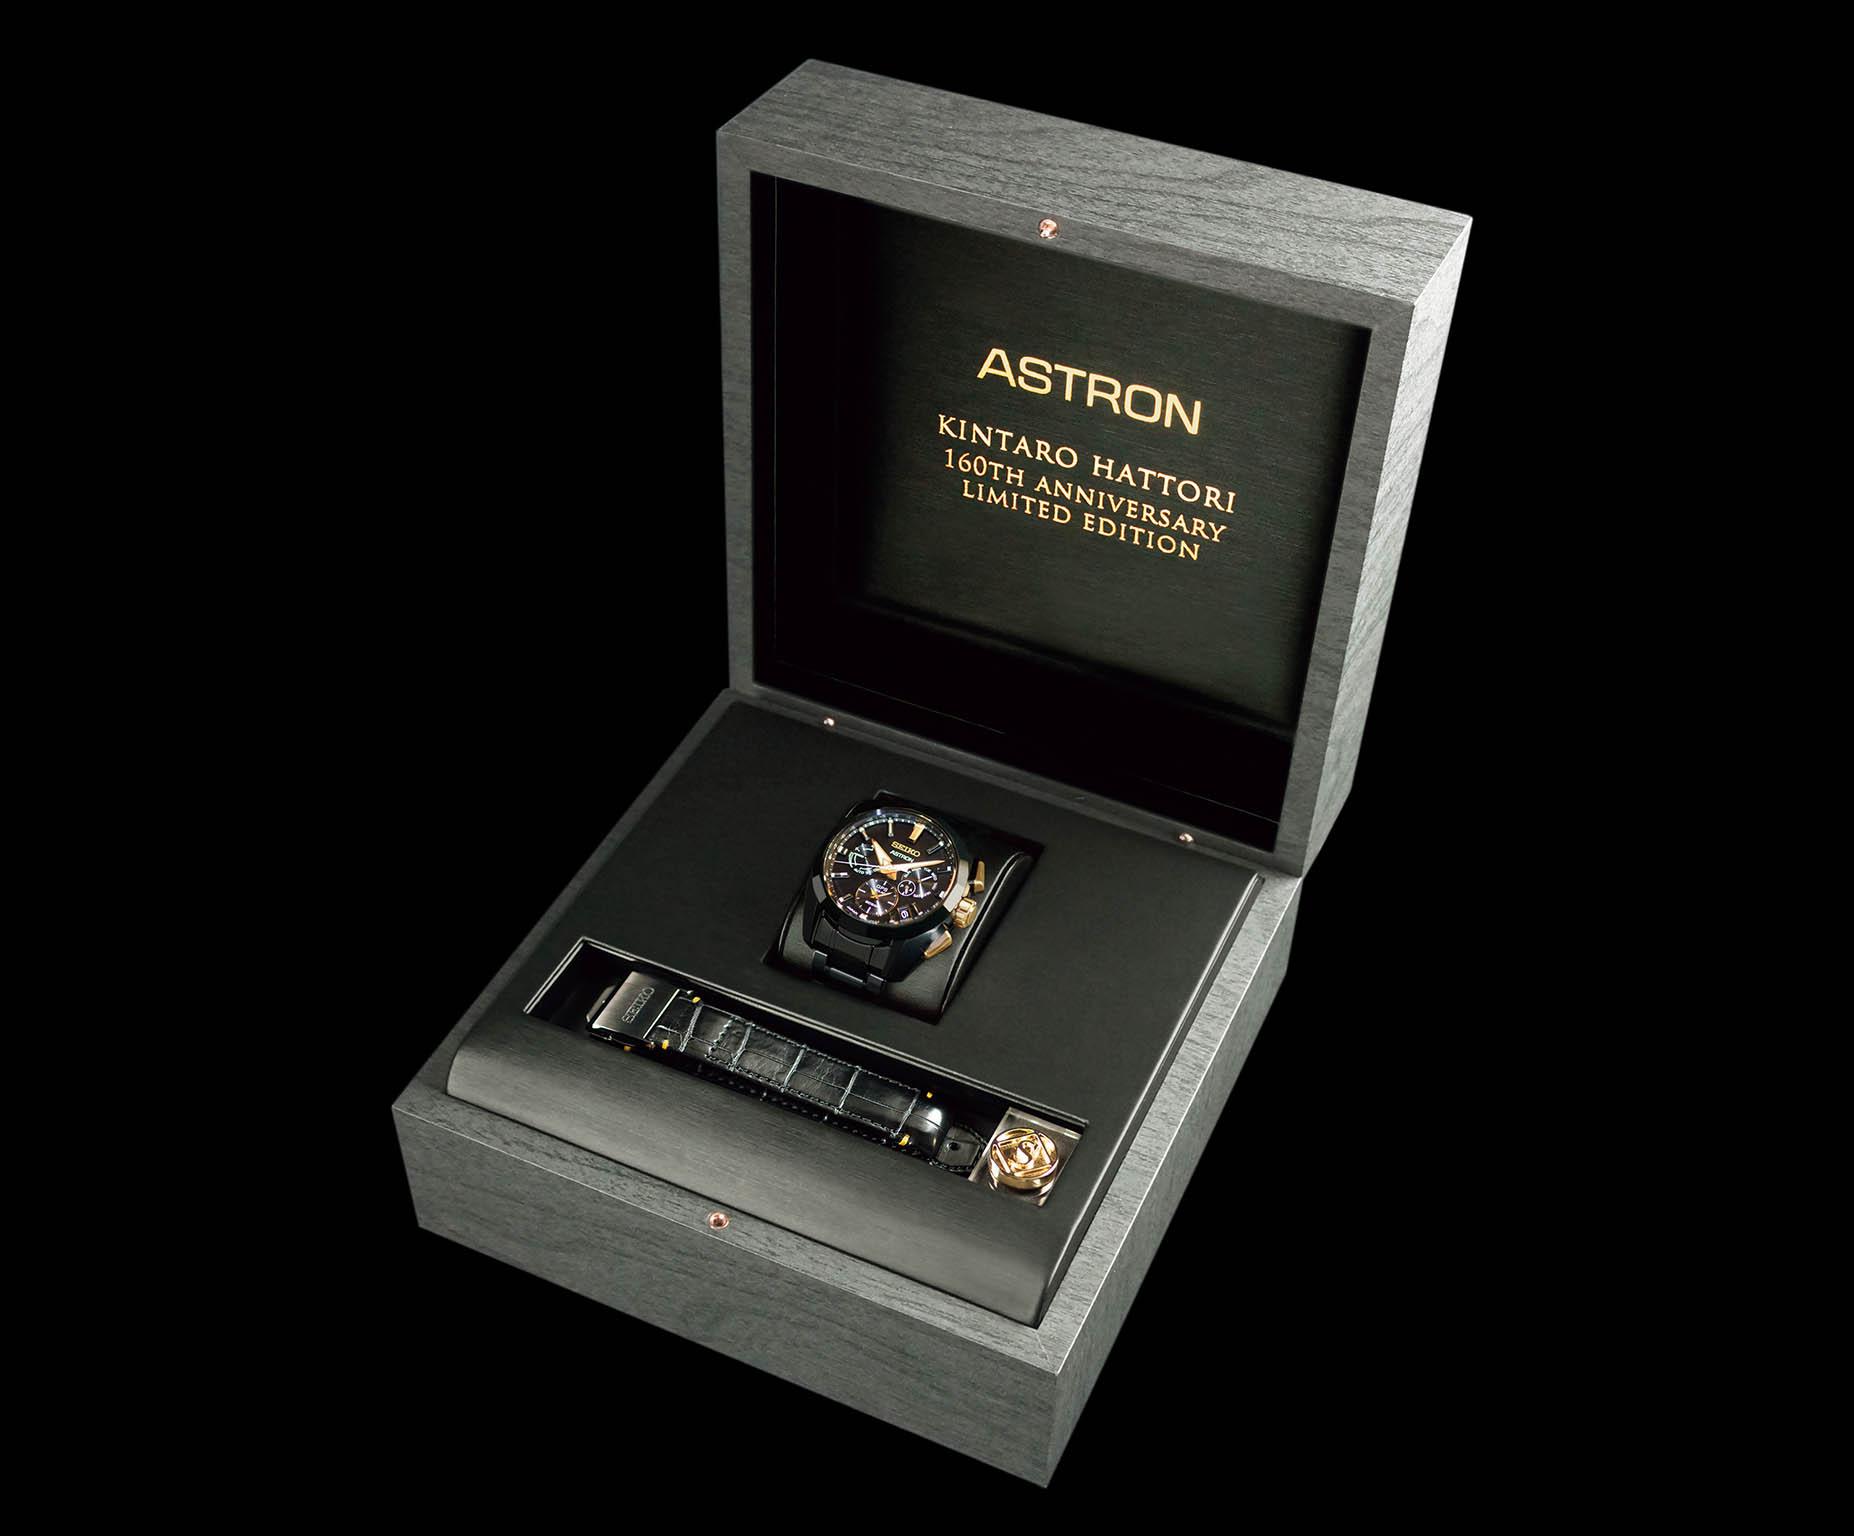 Limitovaná edice k160. výročí narození Kintara Hattoriho, maloobchodní cena 95990 Kč